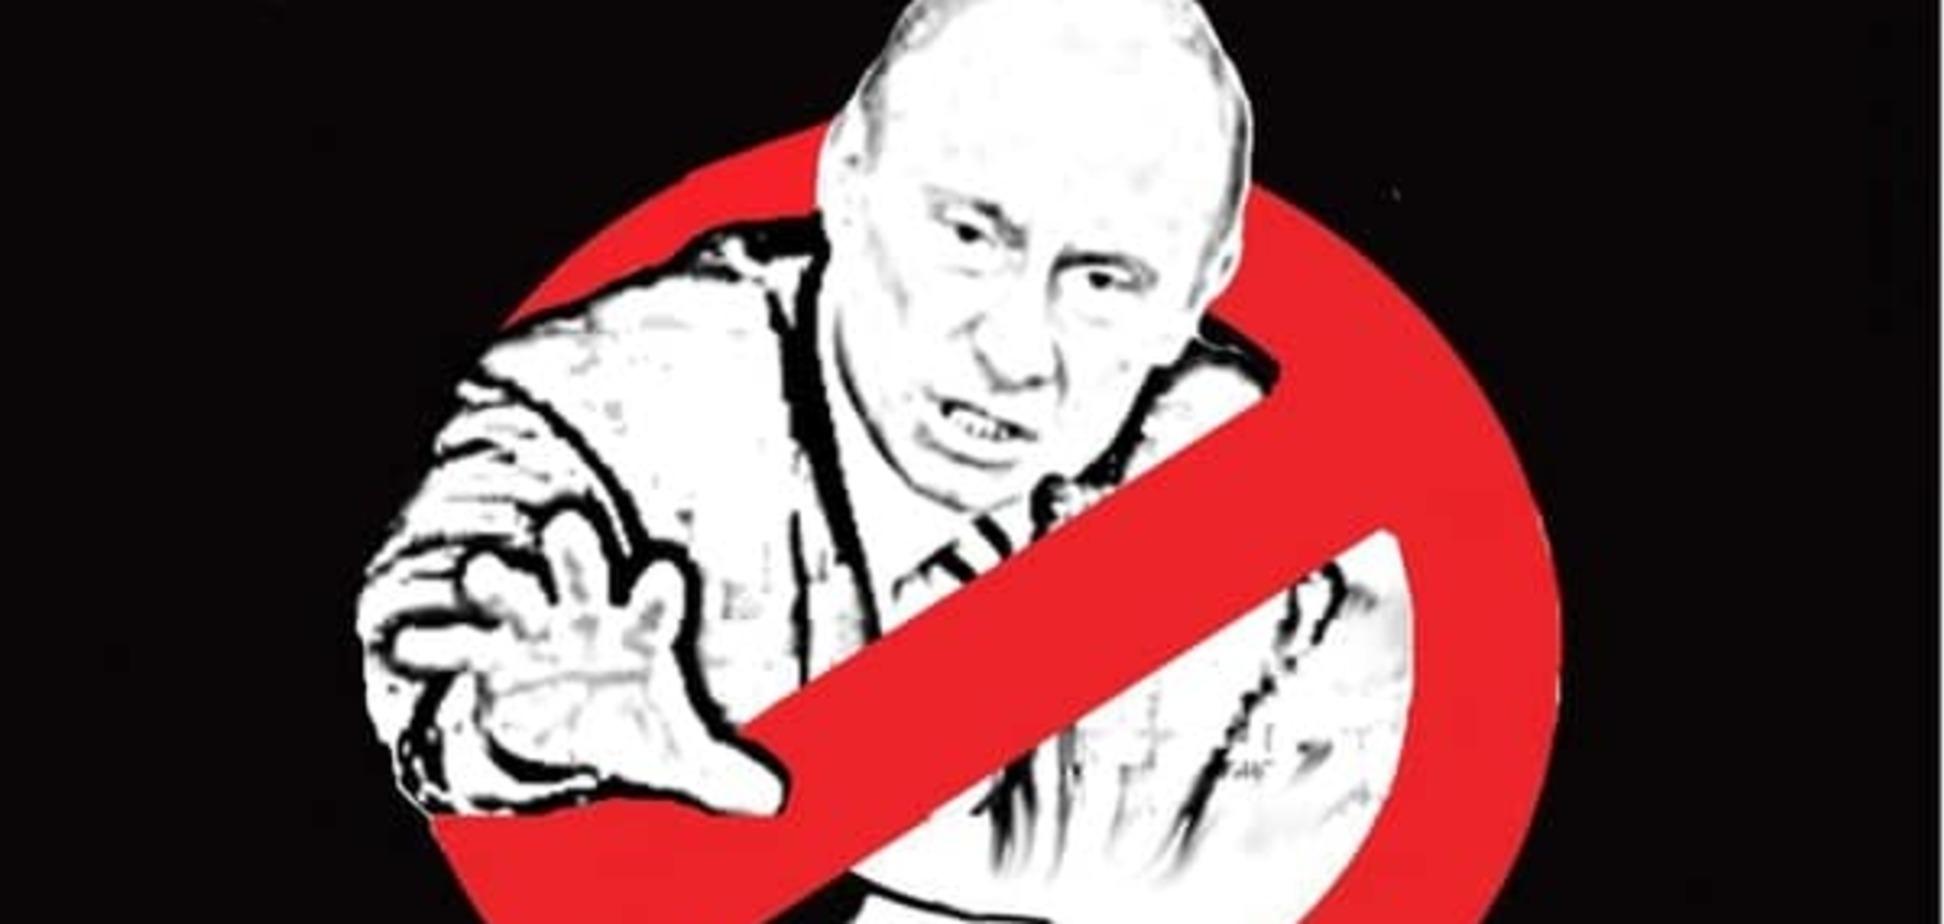 На юге 'русский мир' не пройдет: Чорновил объяснил специфику Херсонщины